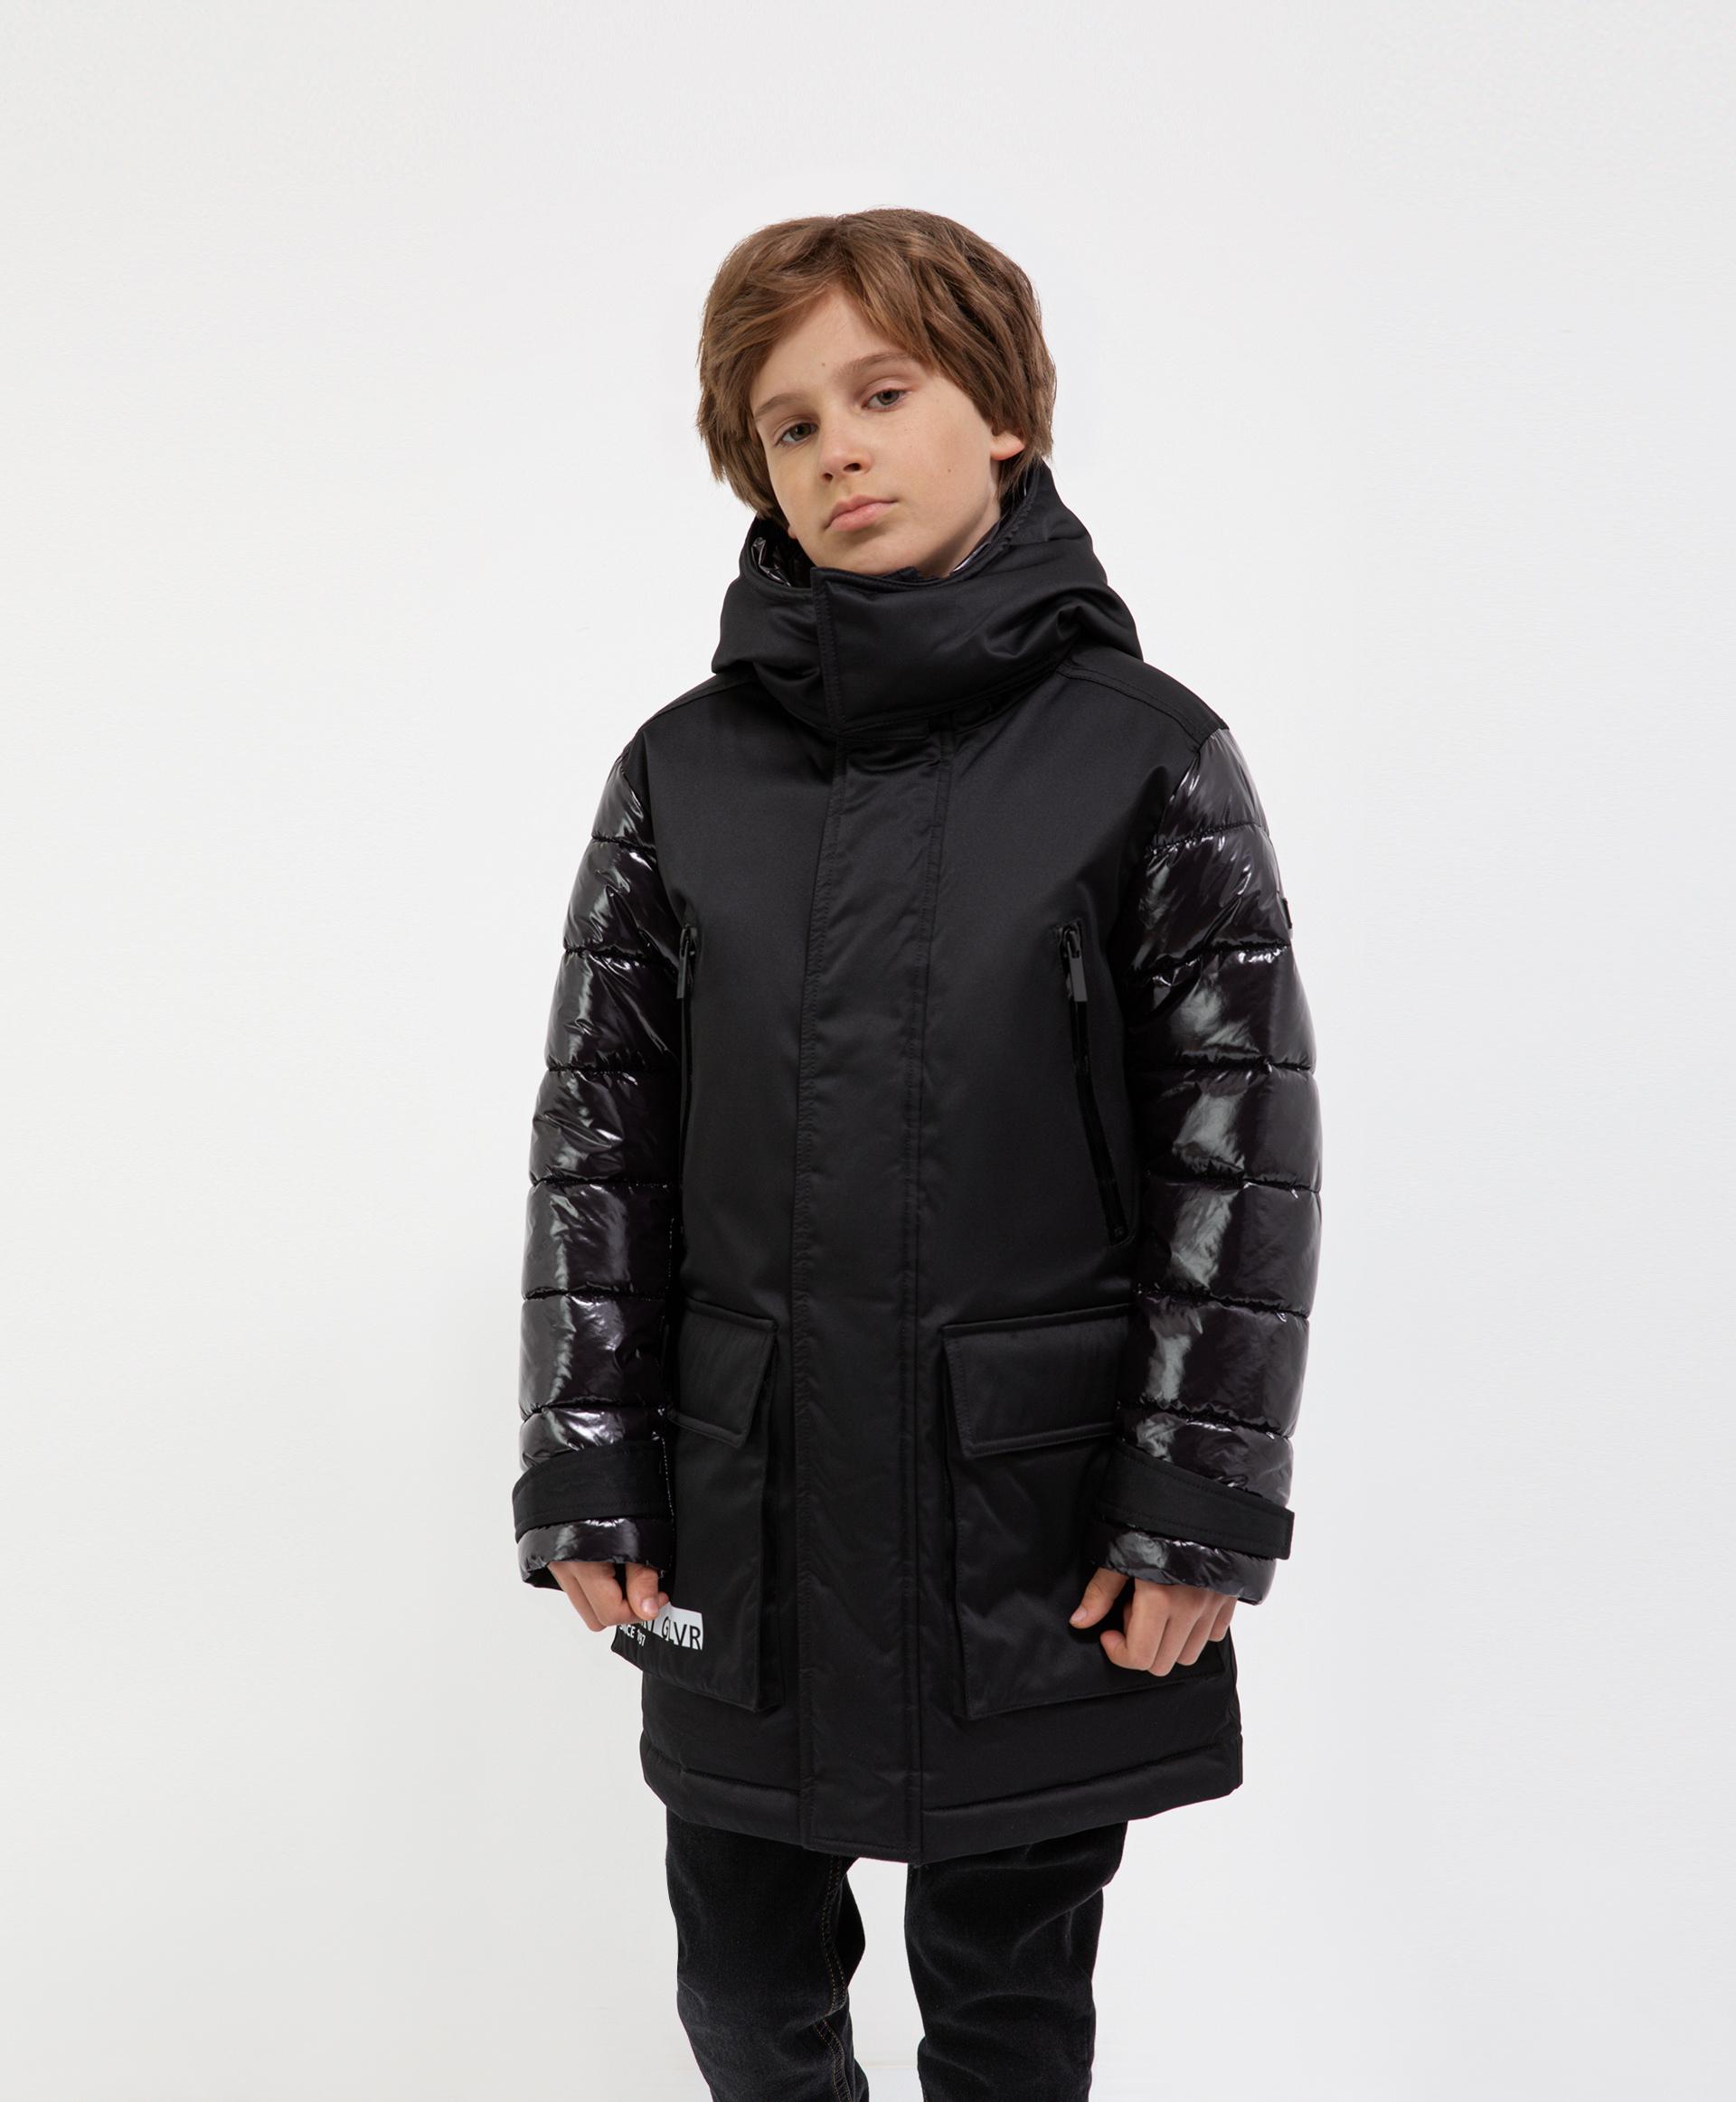 Купить 221GSBC4501, Куртка черная демисезонная Gulliver, 164, Мужской, ШКОЛЬНАЯ ФОРМА 2021-2022 (shop: GulliverMarket Gulliver Market)